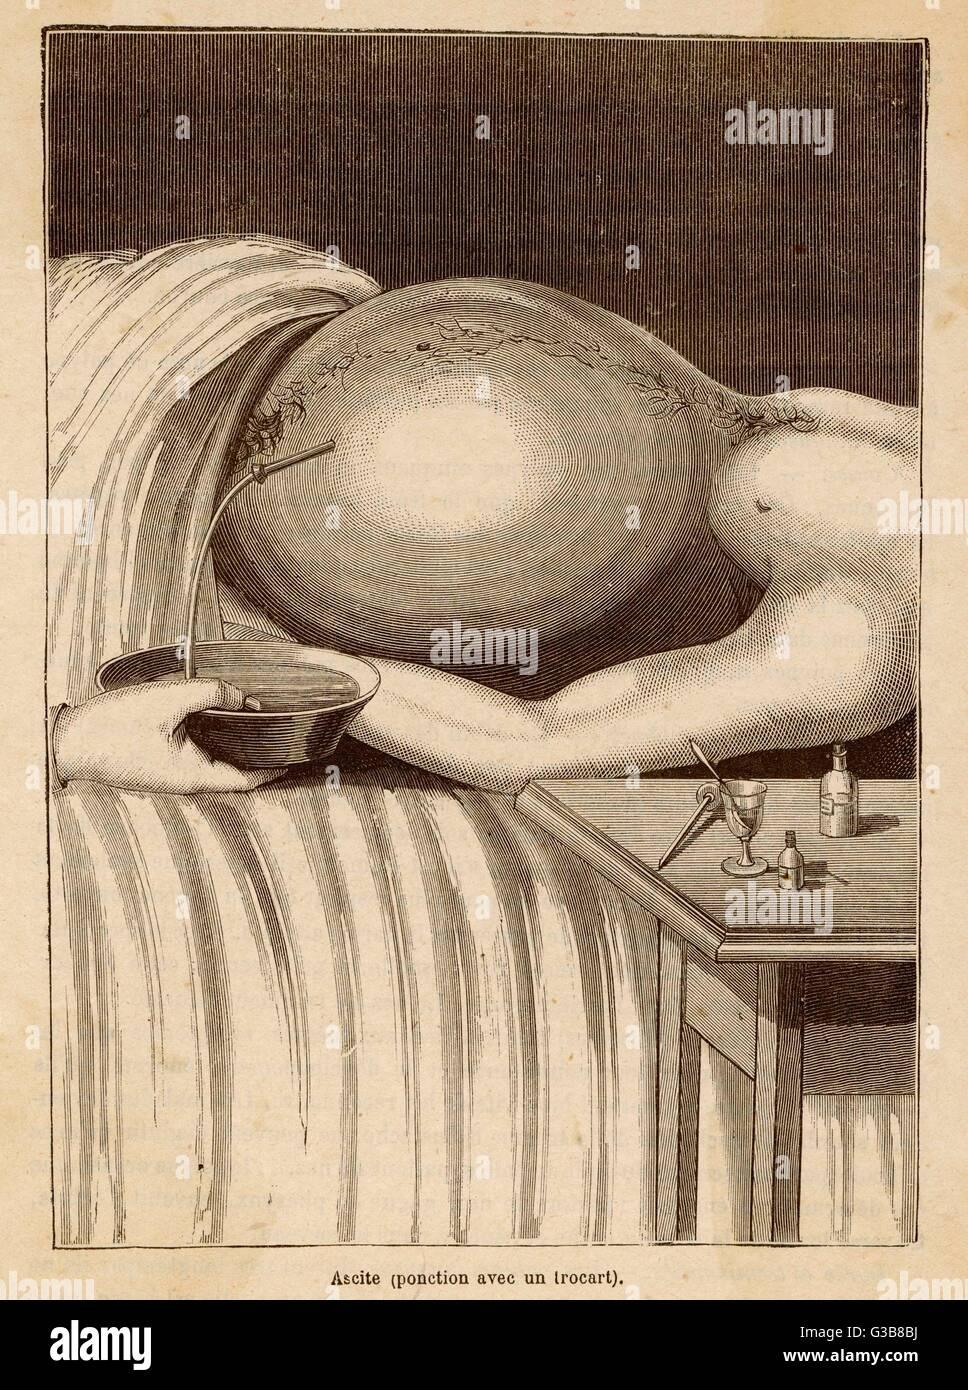 Fluido asportato da un addome del paziente utilizzando un svuotamento dello stomaco. Data: circa 1870 Immagini Stock